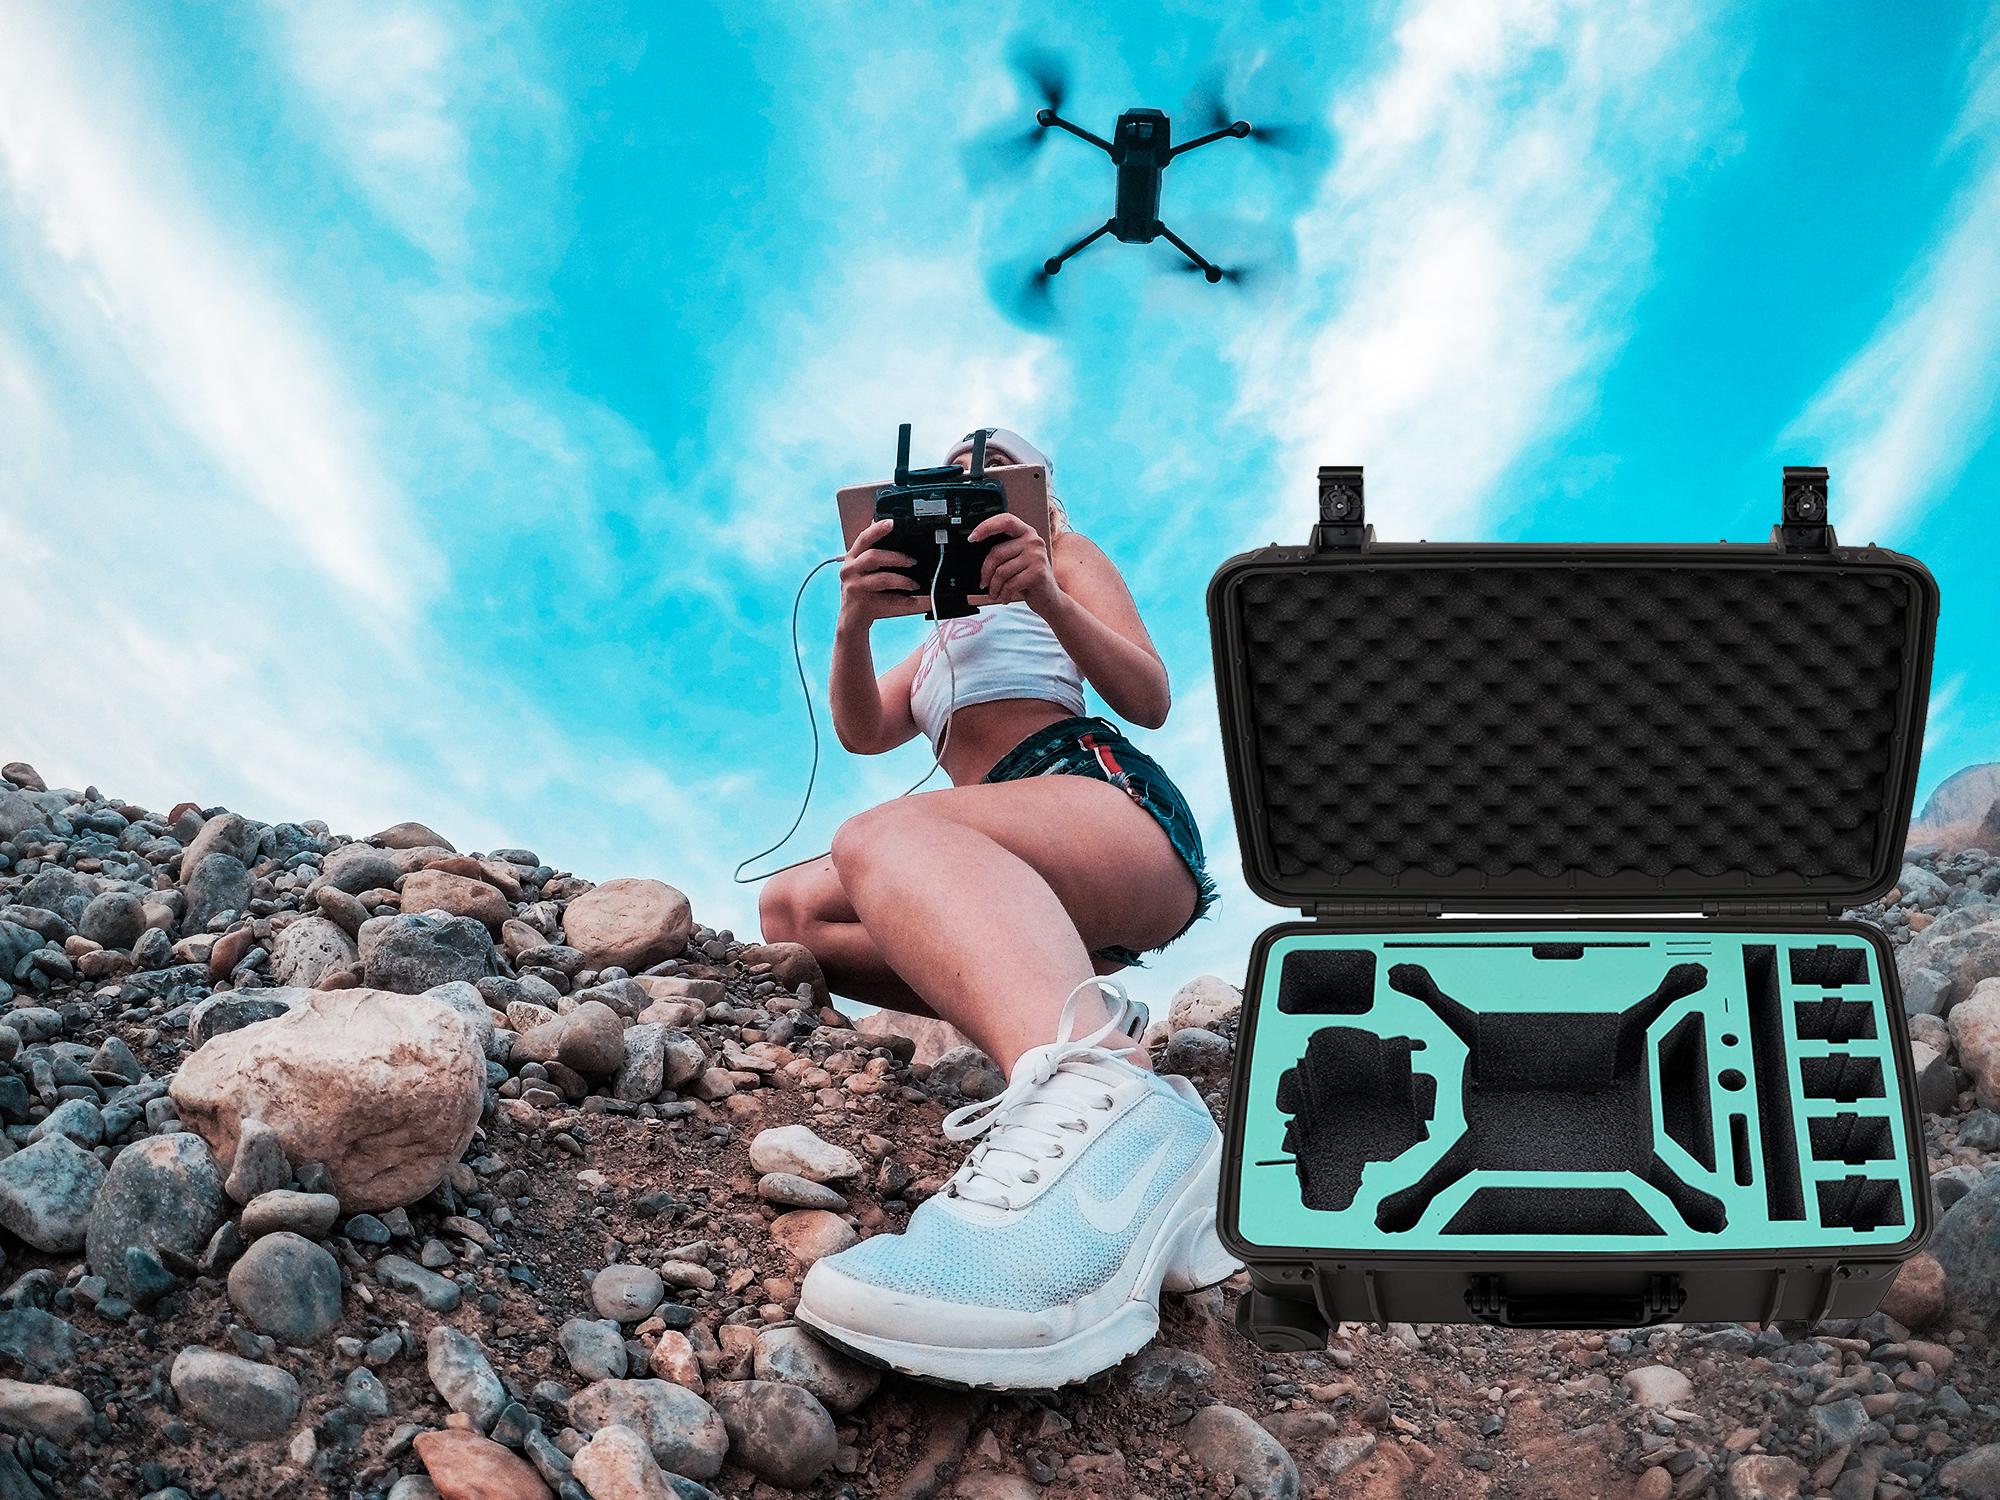 maletas drones seahorse estiches harderback-mexico